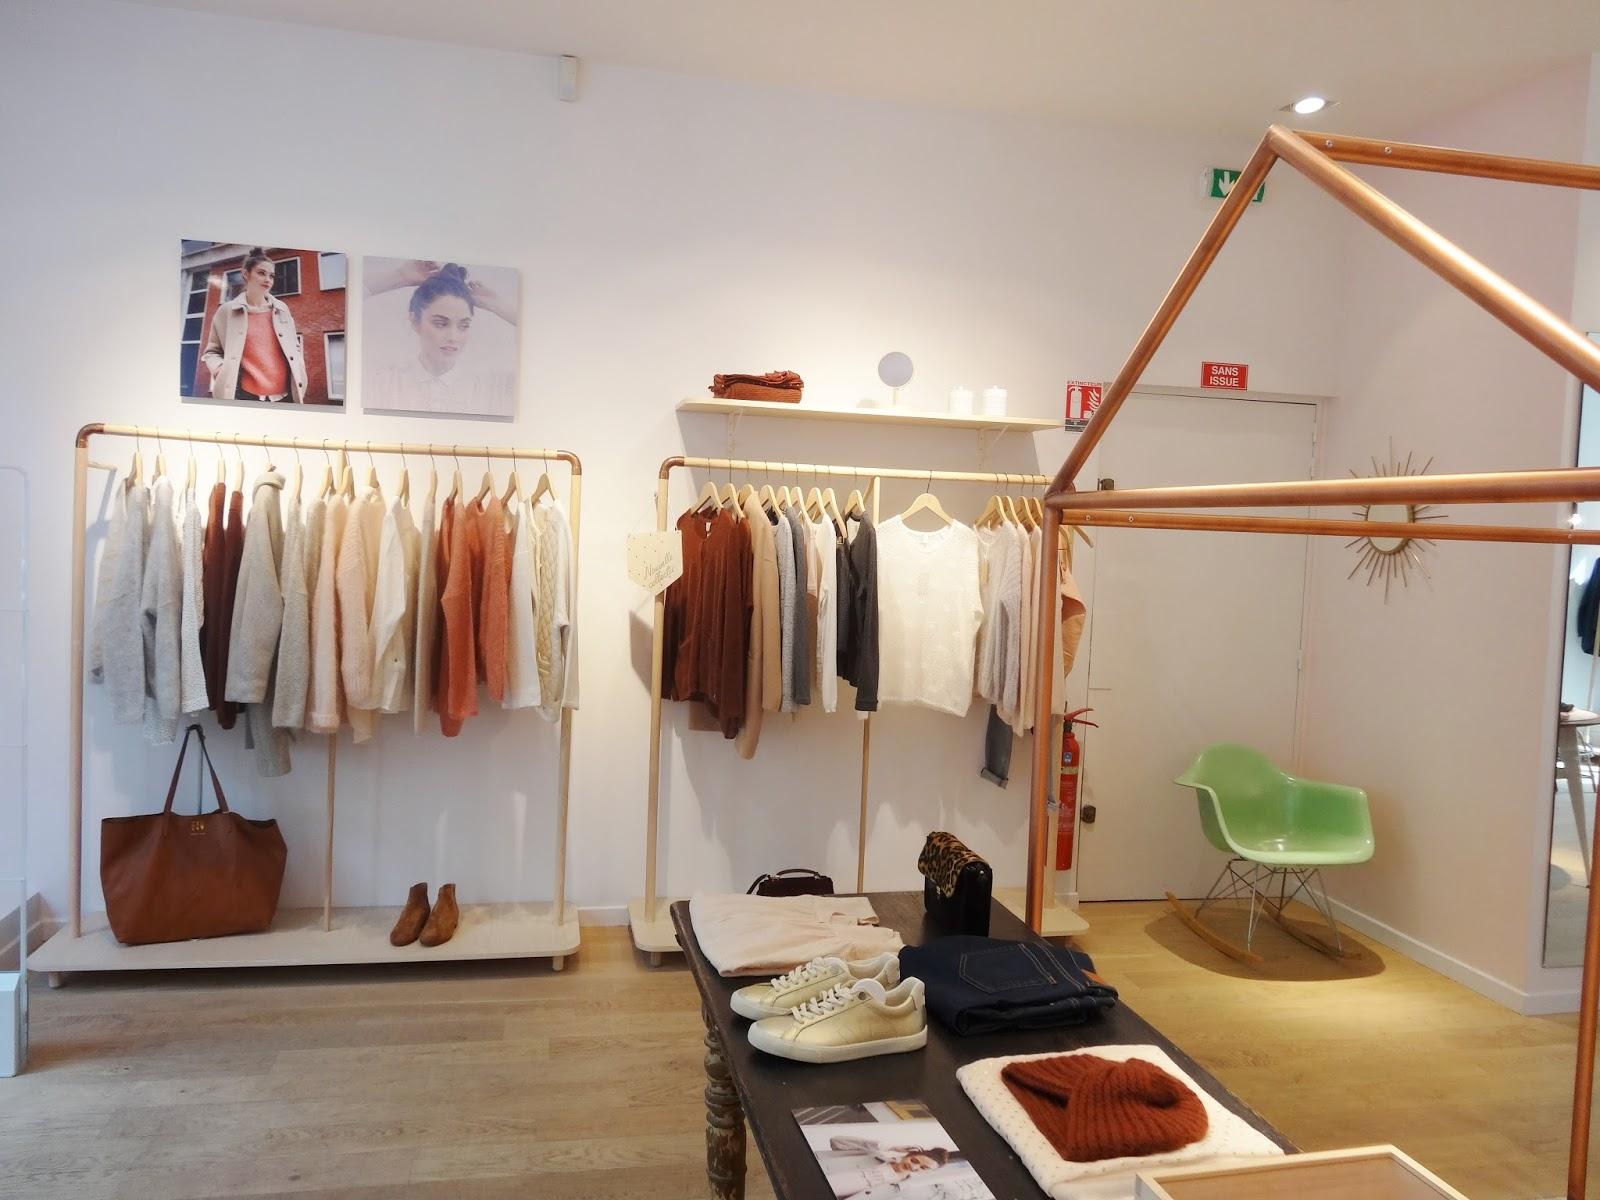 Des petits hauts une demoiselle paris blog lifestyle culture bonnes - Des petits hauts boutique ...